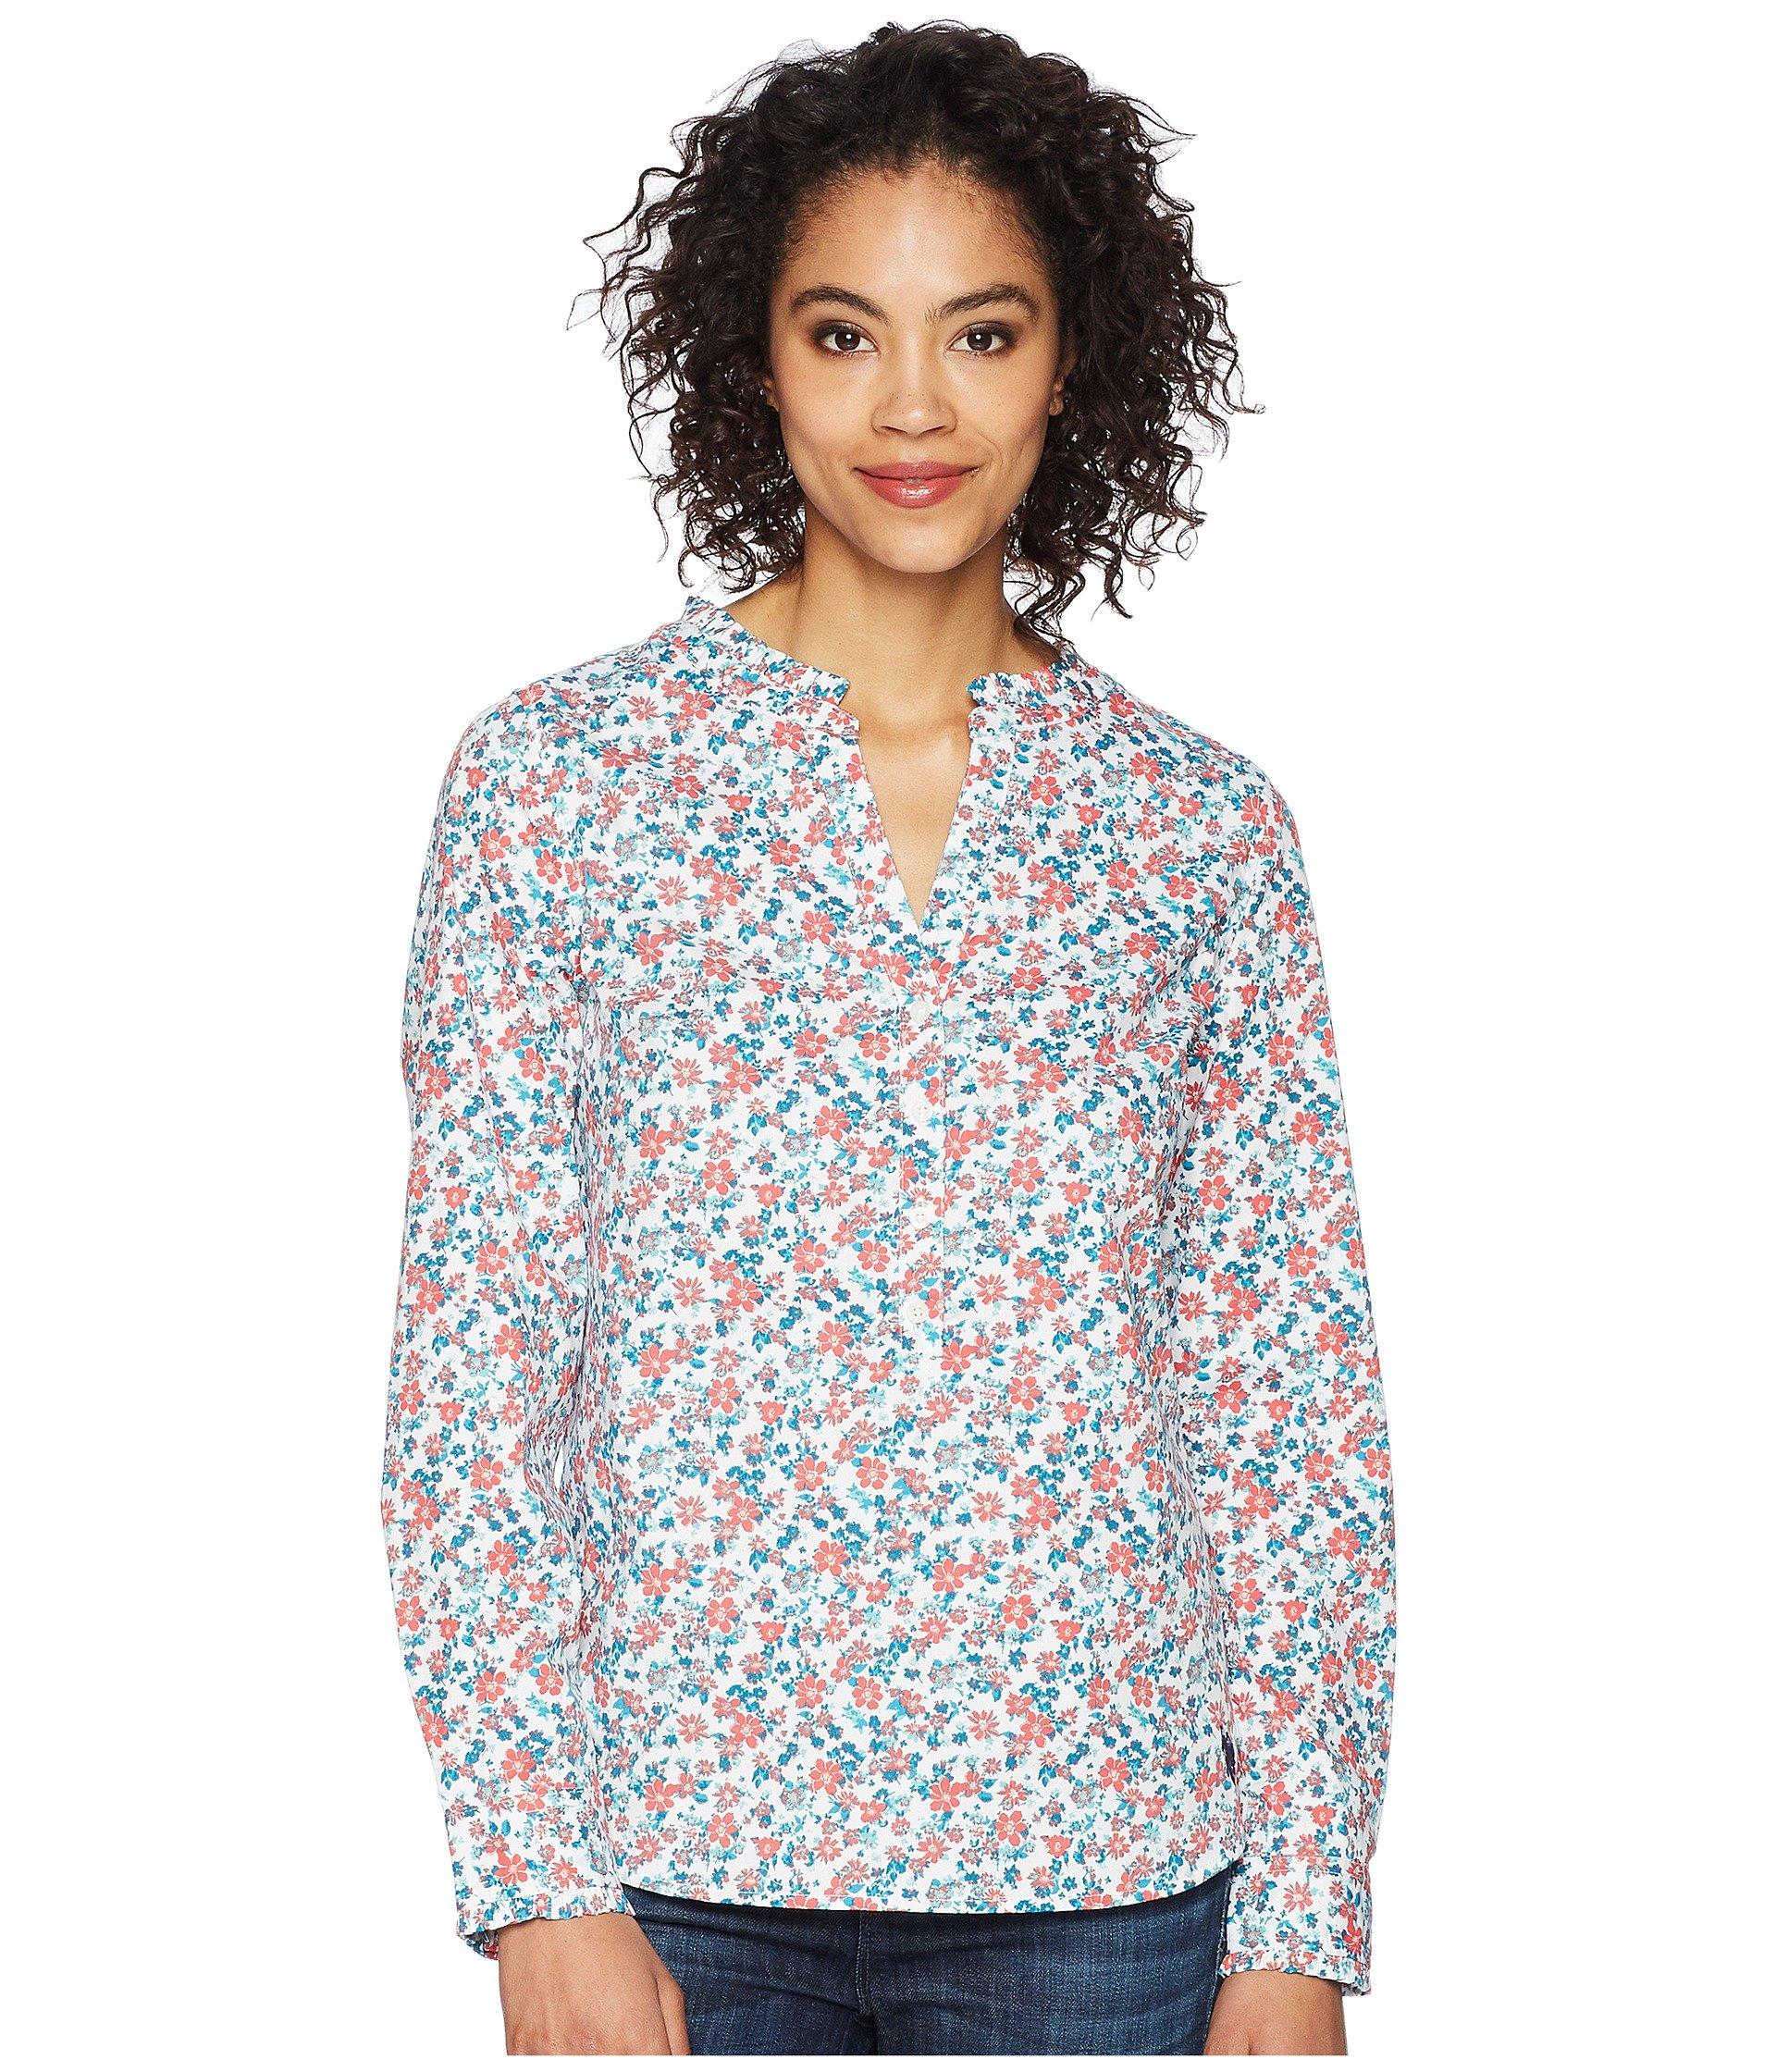 Blusa para Mujer U.S. POLO ASSN. Multi Floral Blouse  + U.S. POLO ASSN. en VeoyCompro.net